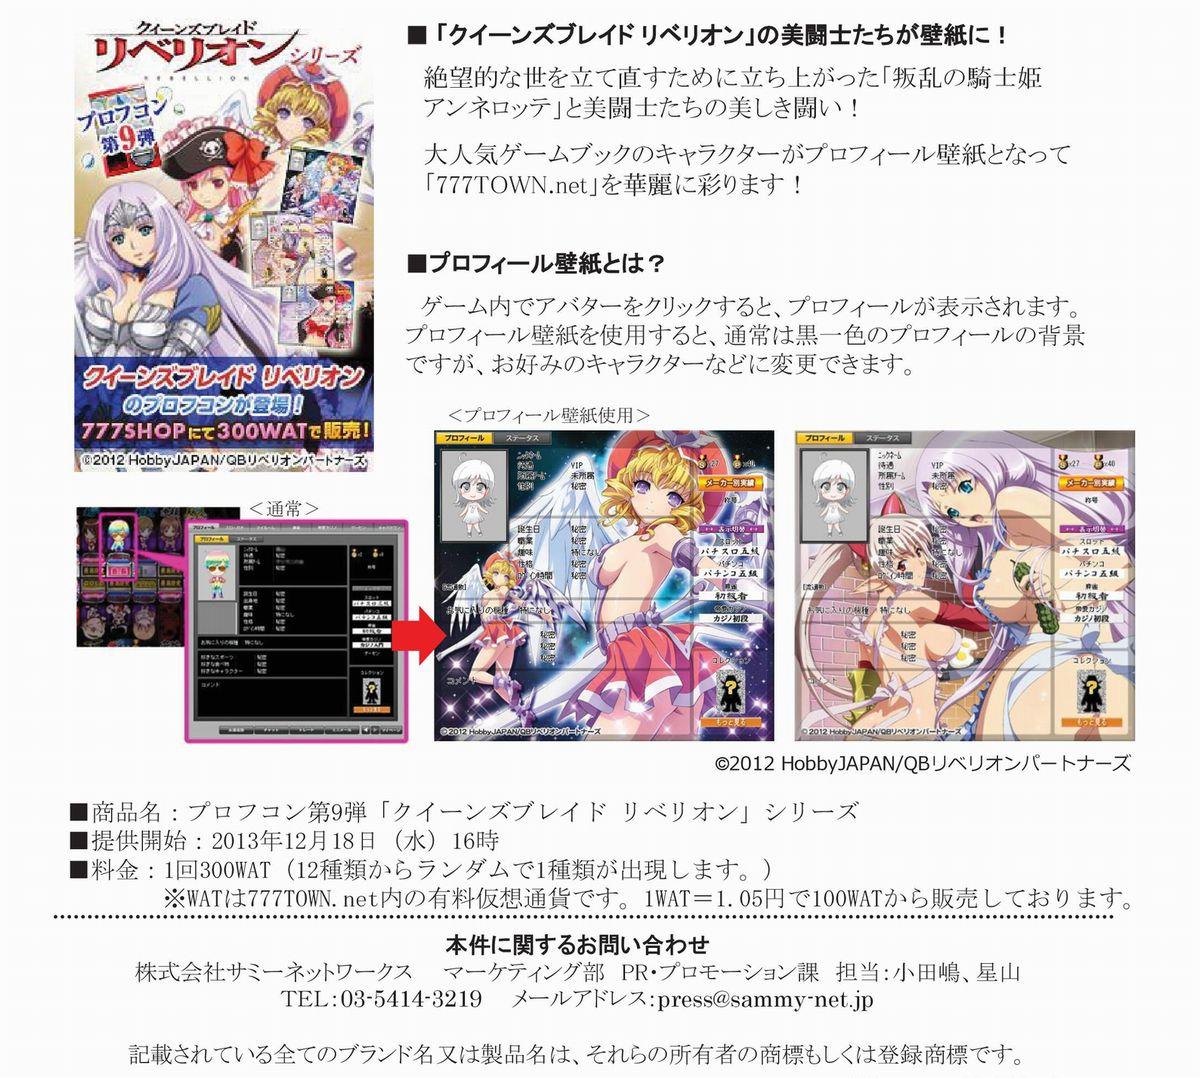 【PC】クイーンズブレイドリベリオン_プロフコン_プレスリリース02_